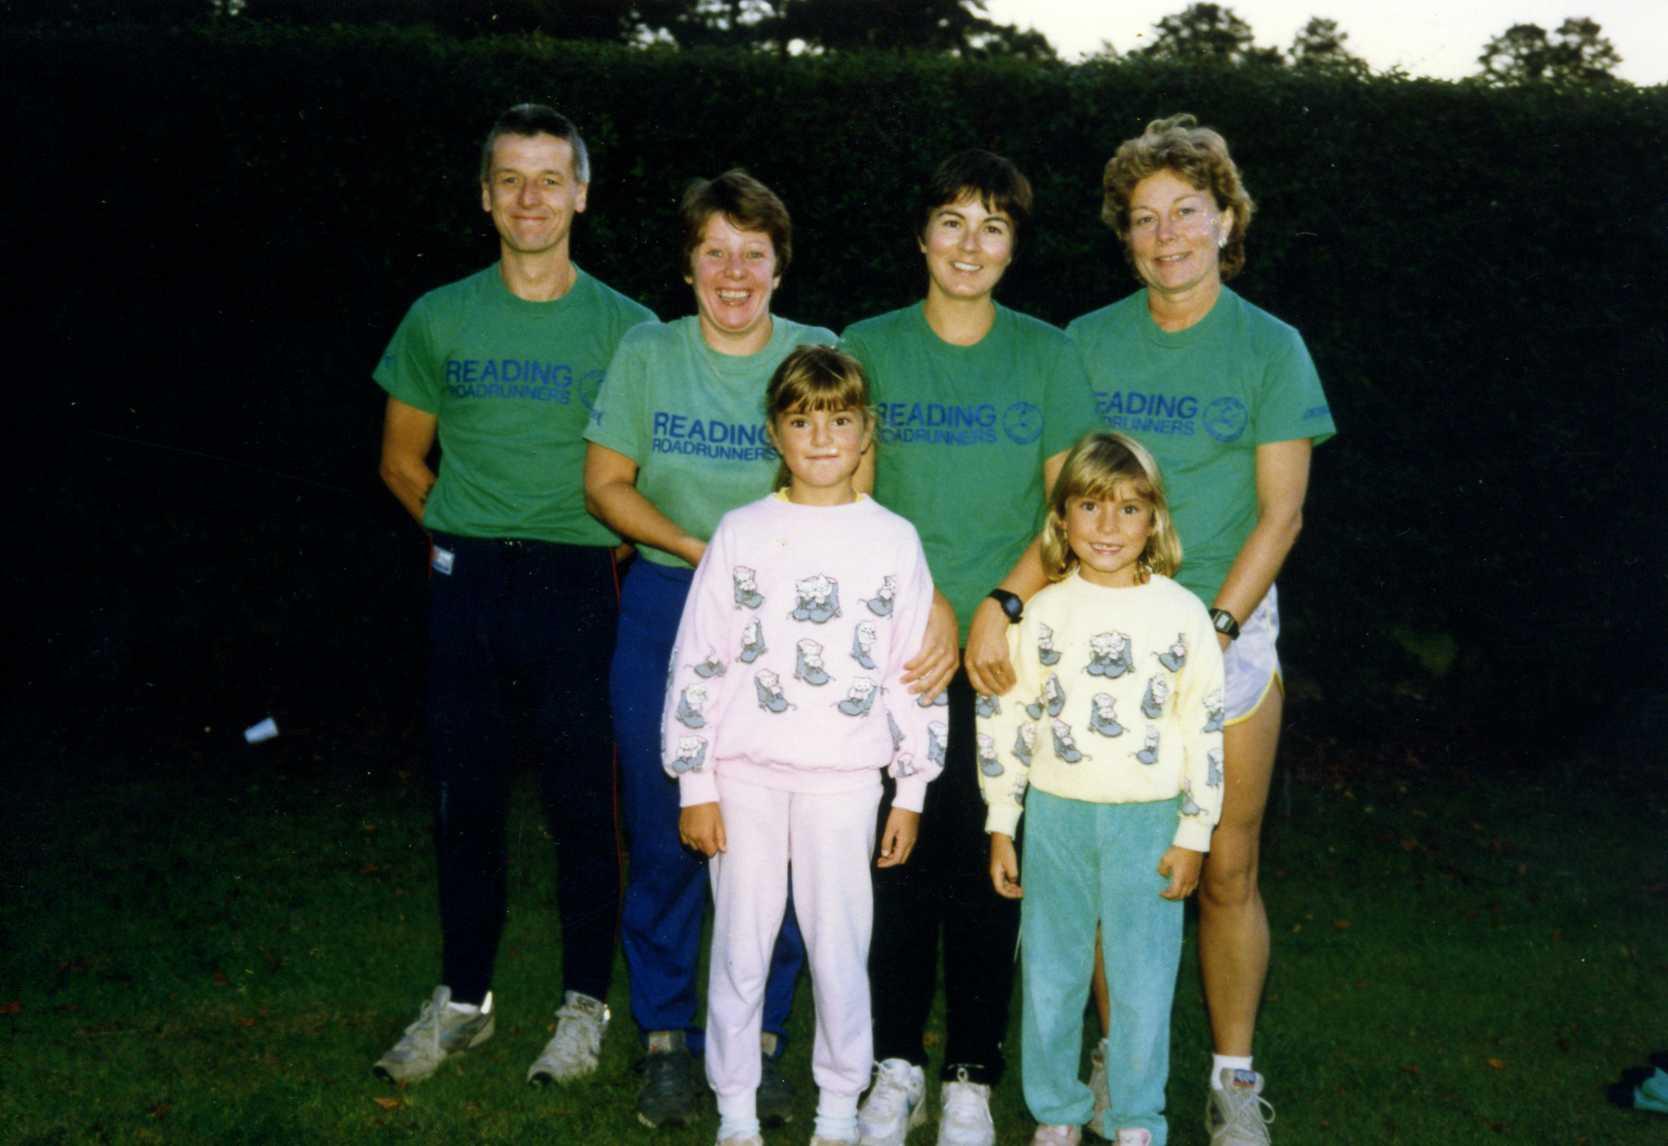 http://readingroadrunners.org/wp-content/uploads/2017/04/Club_Members_02_1987.jpg